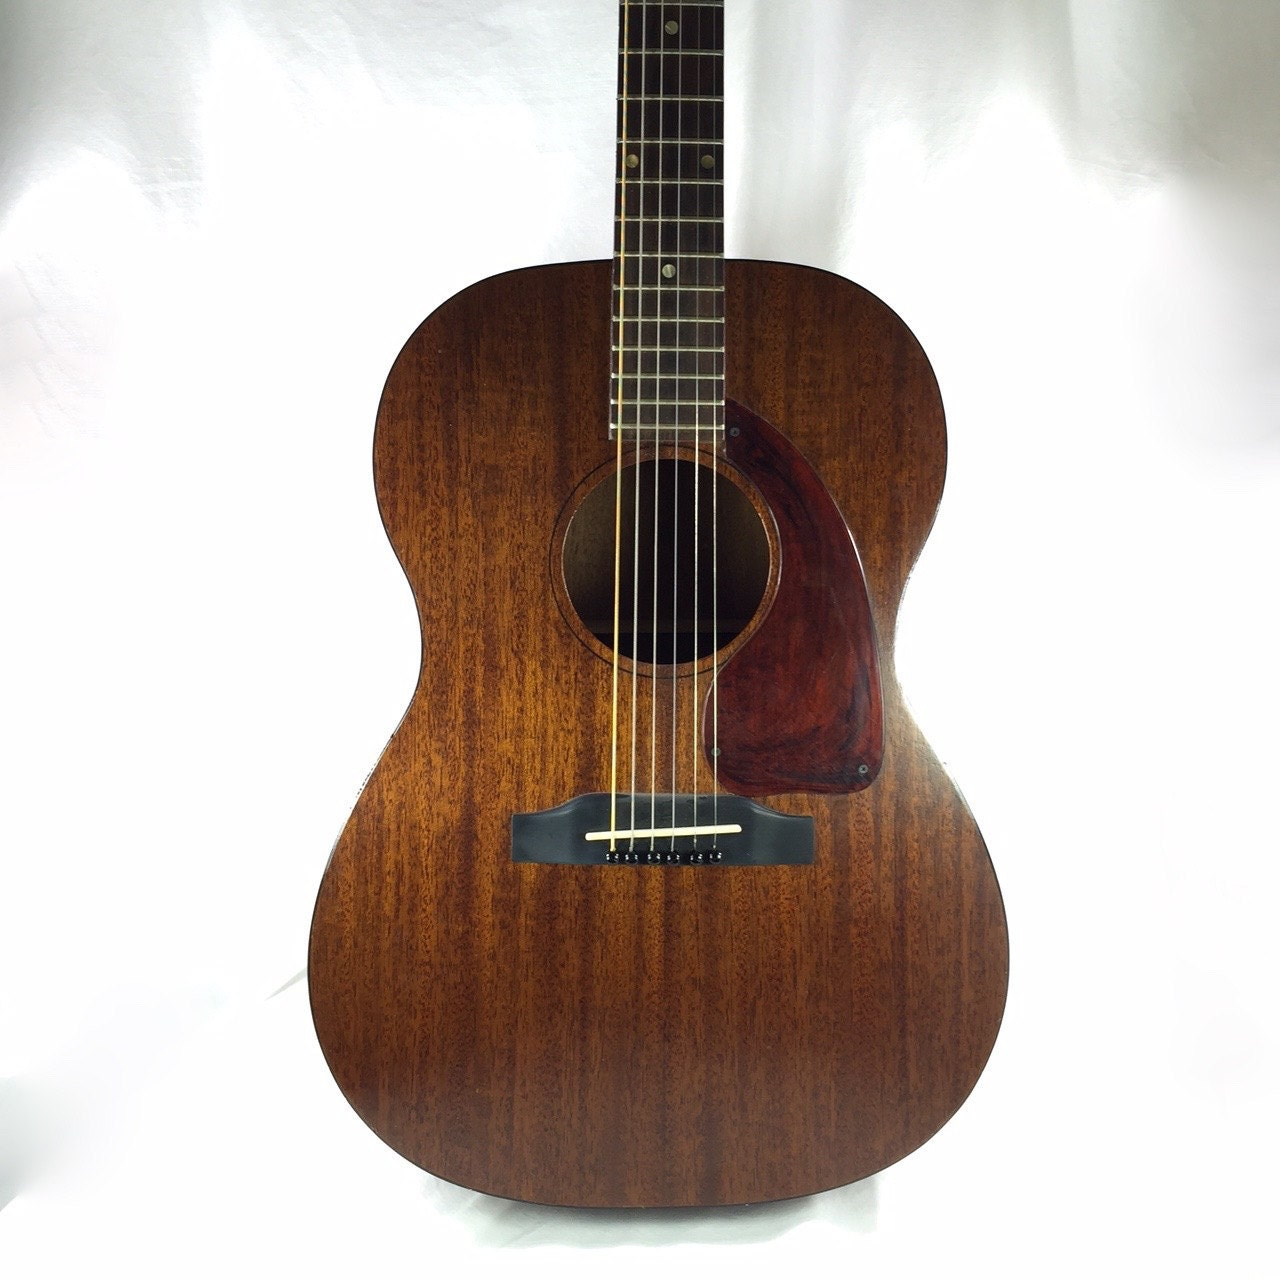 gibson acoustic guitar vintage 1964. Black Bedroom Furniture Sets. Home Design Ideas